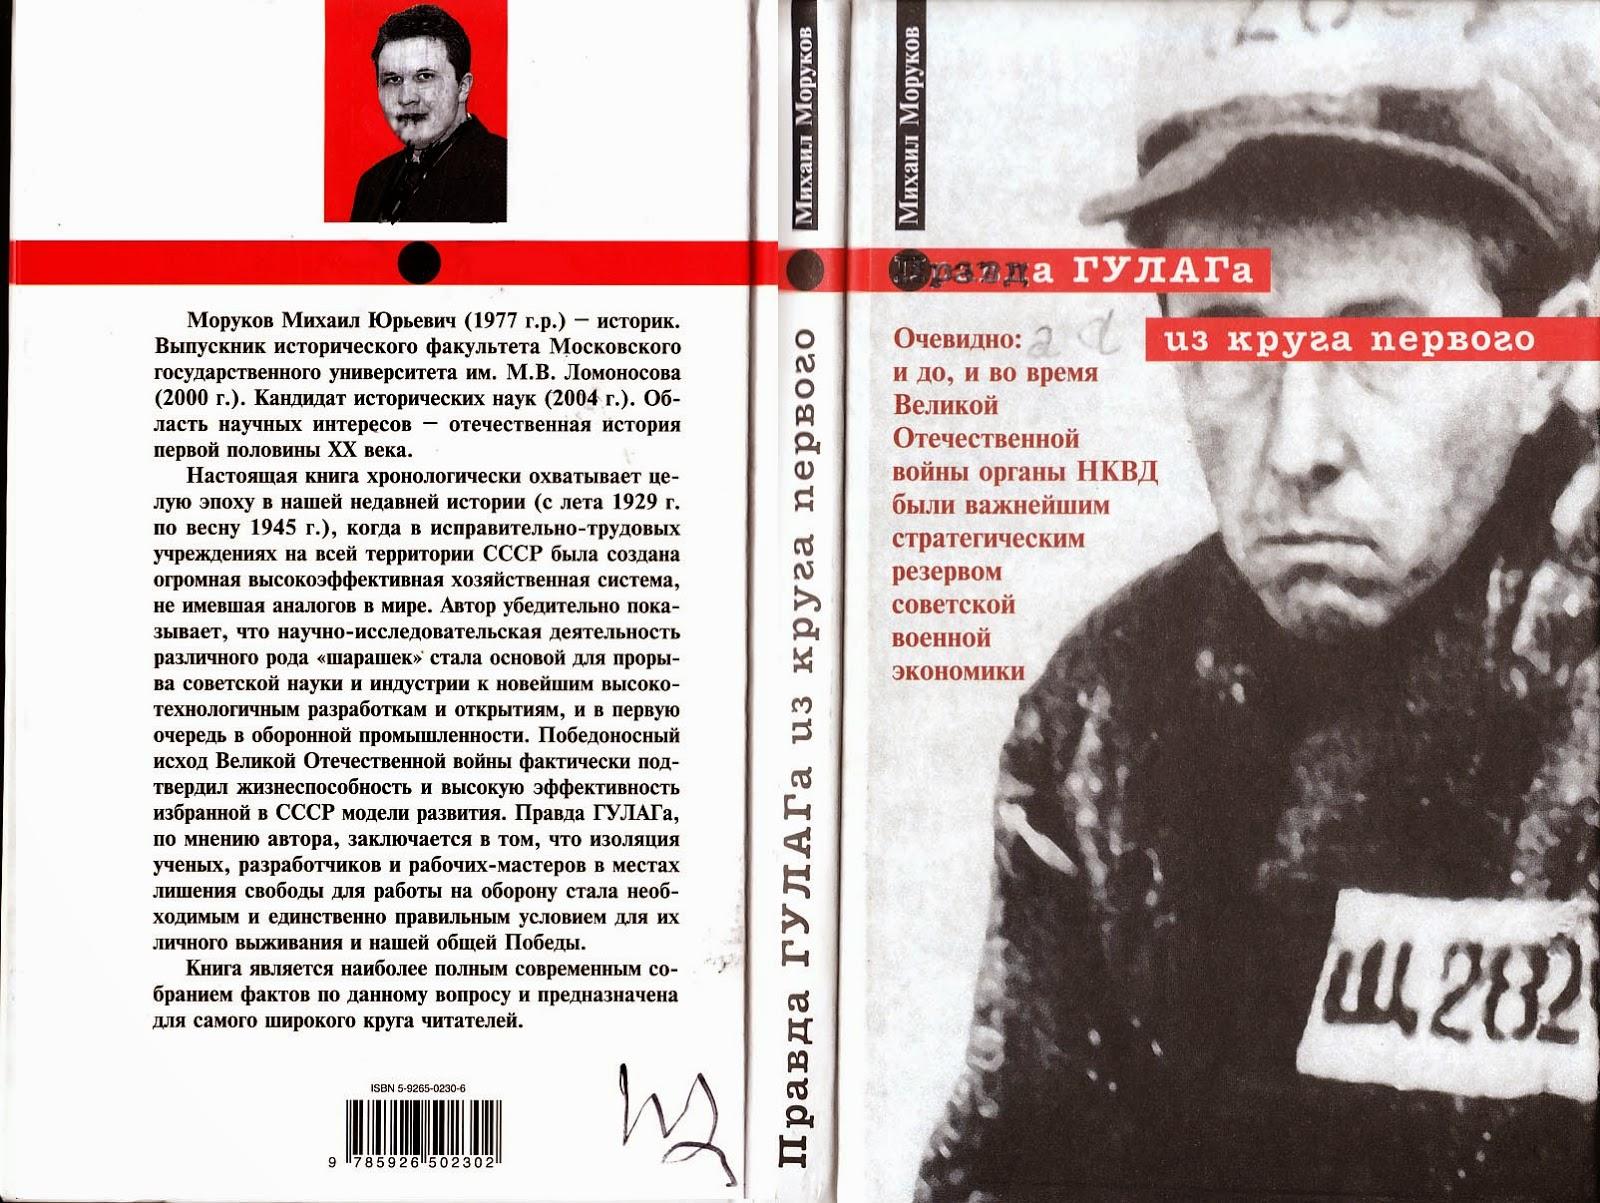 скан обложки книги Михаила Морукова про ГУЛАГ и солженицина